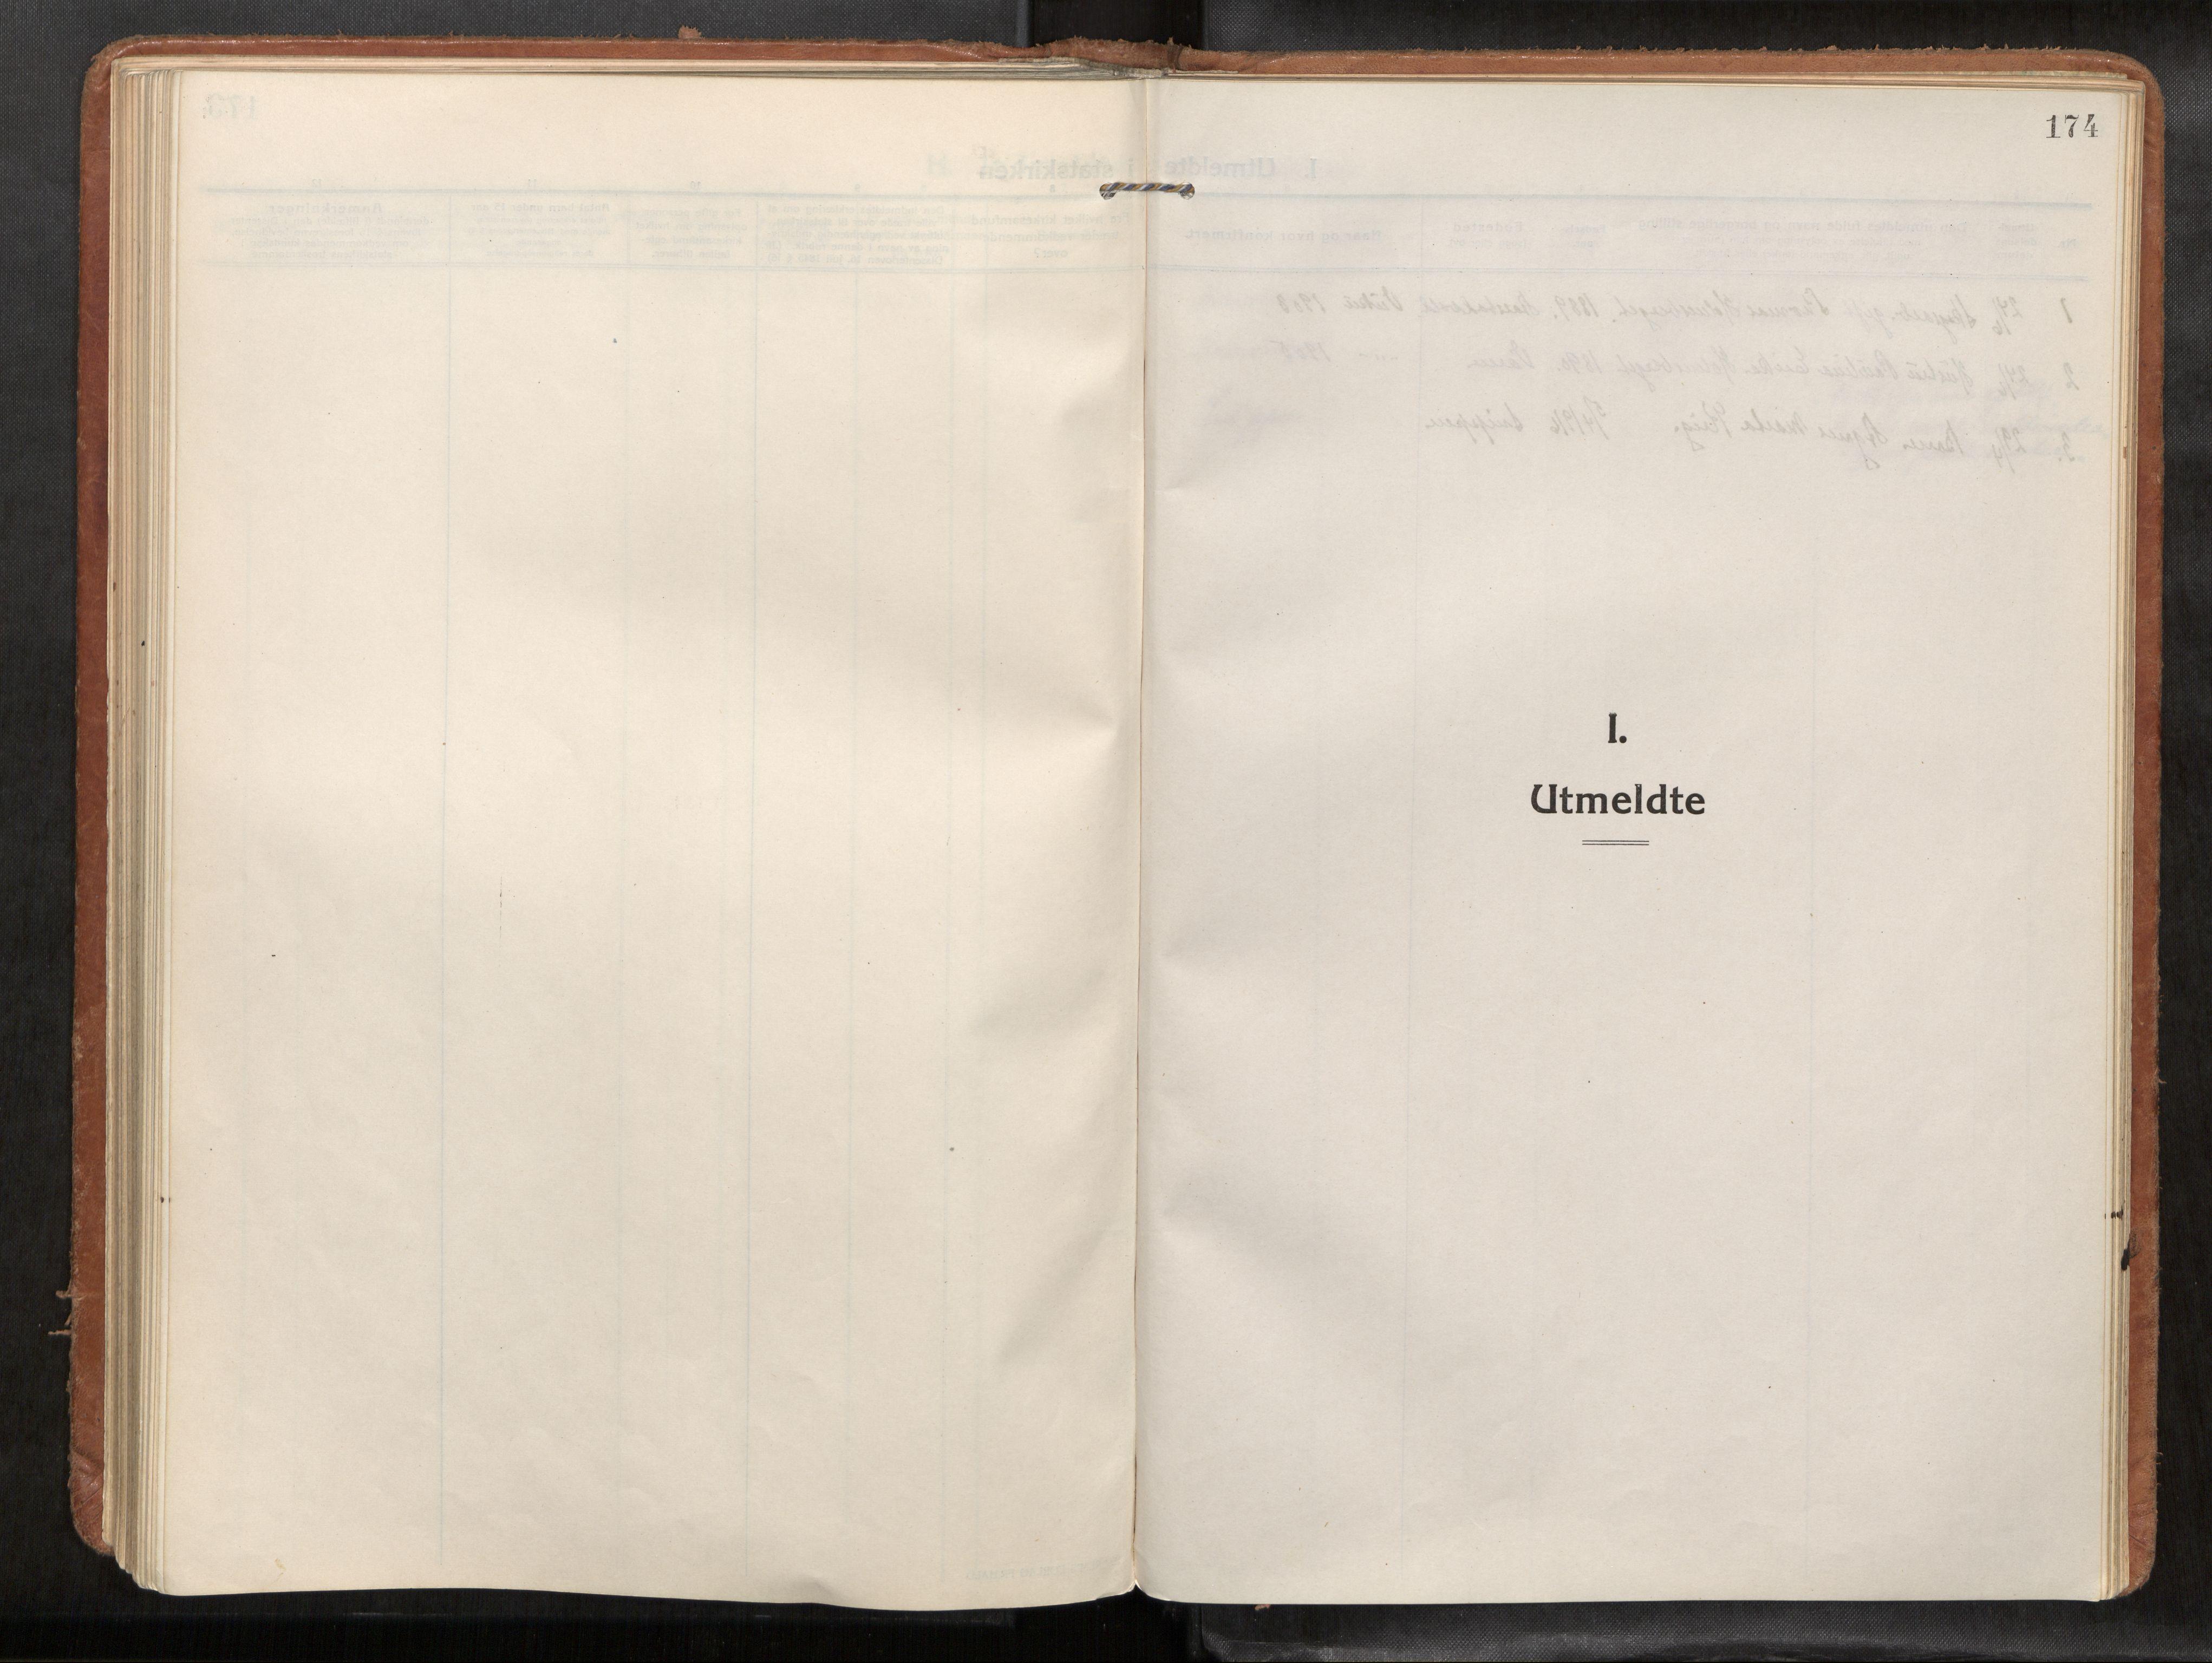 SAT, Verdal sokneprestkontor*, Parish register (official) no. 1, 1916-1928, p. 174